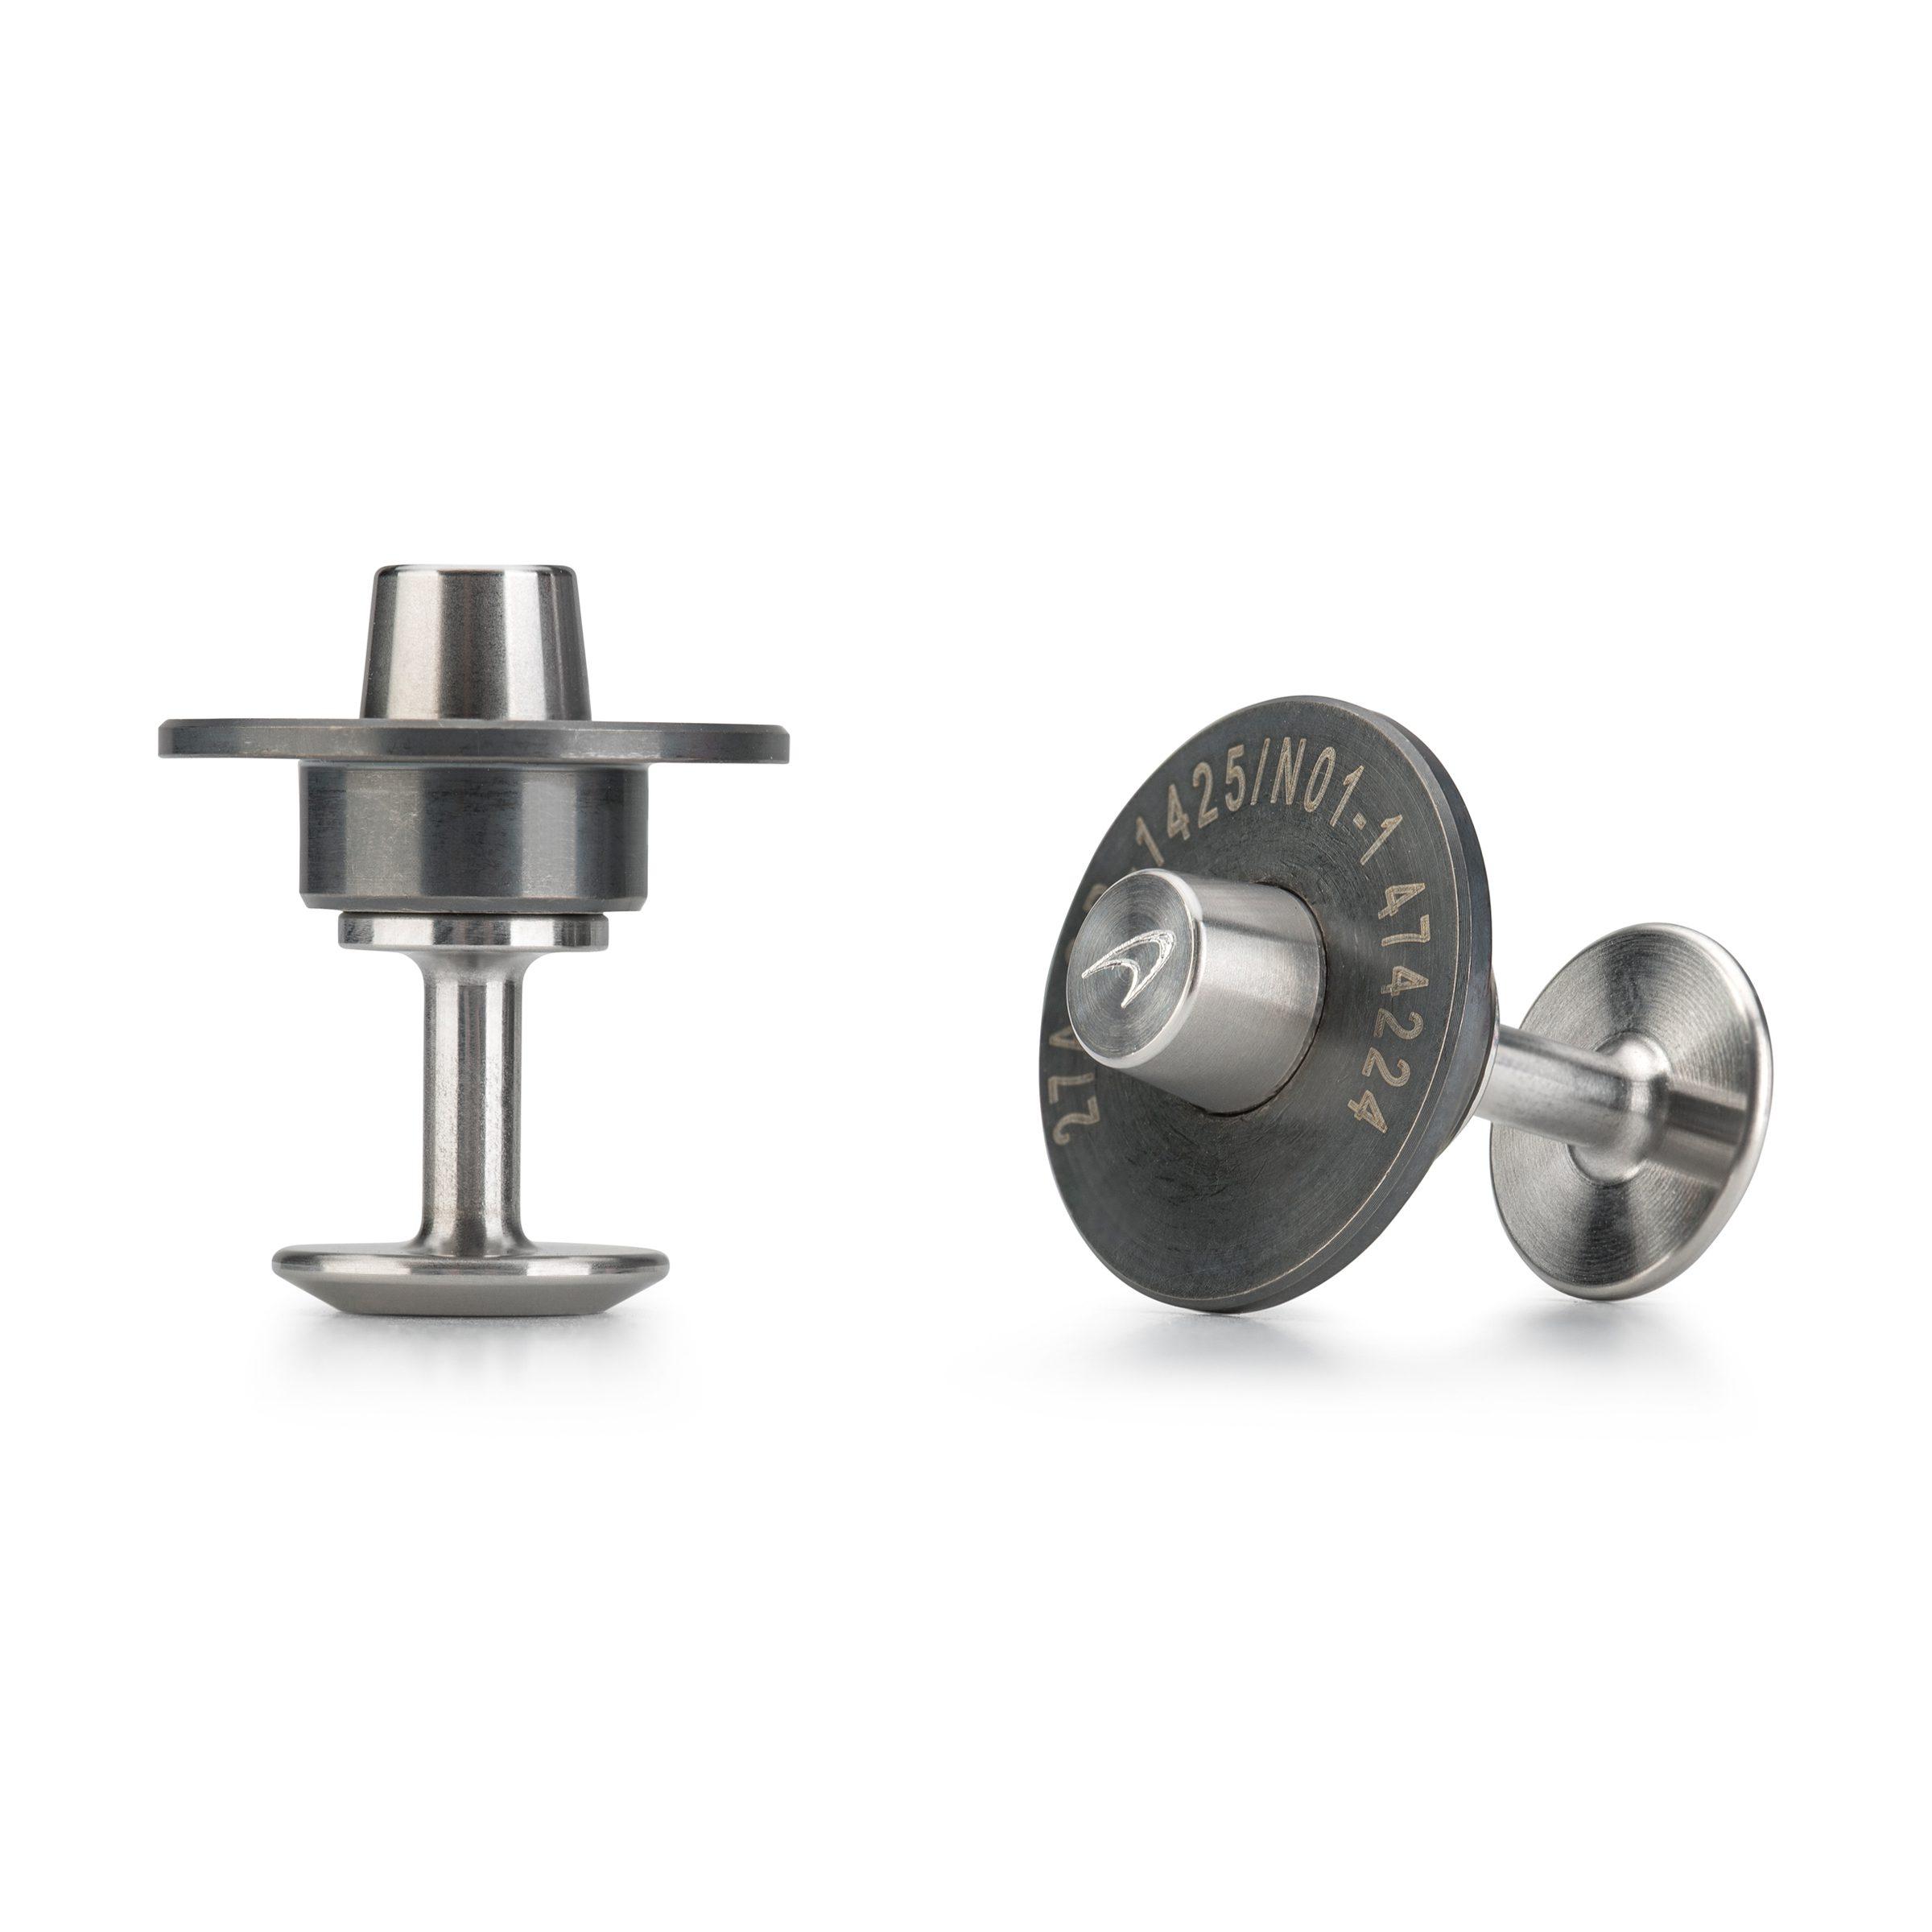 Steel-cufflinks_McLaren-cufflinks_Alice-made-this_L2.jpg